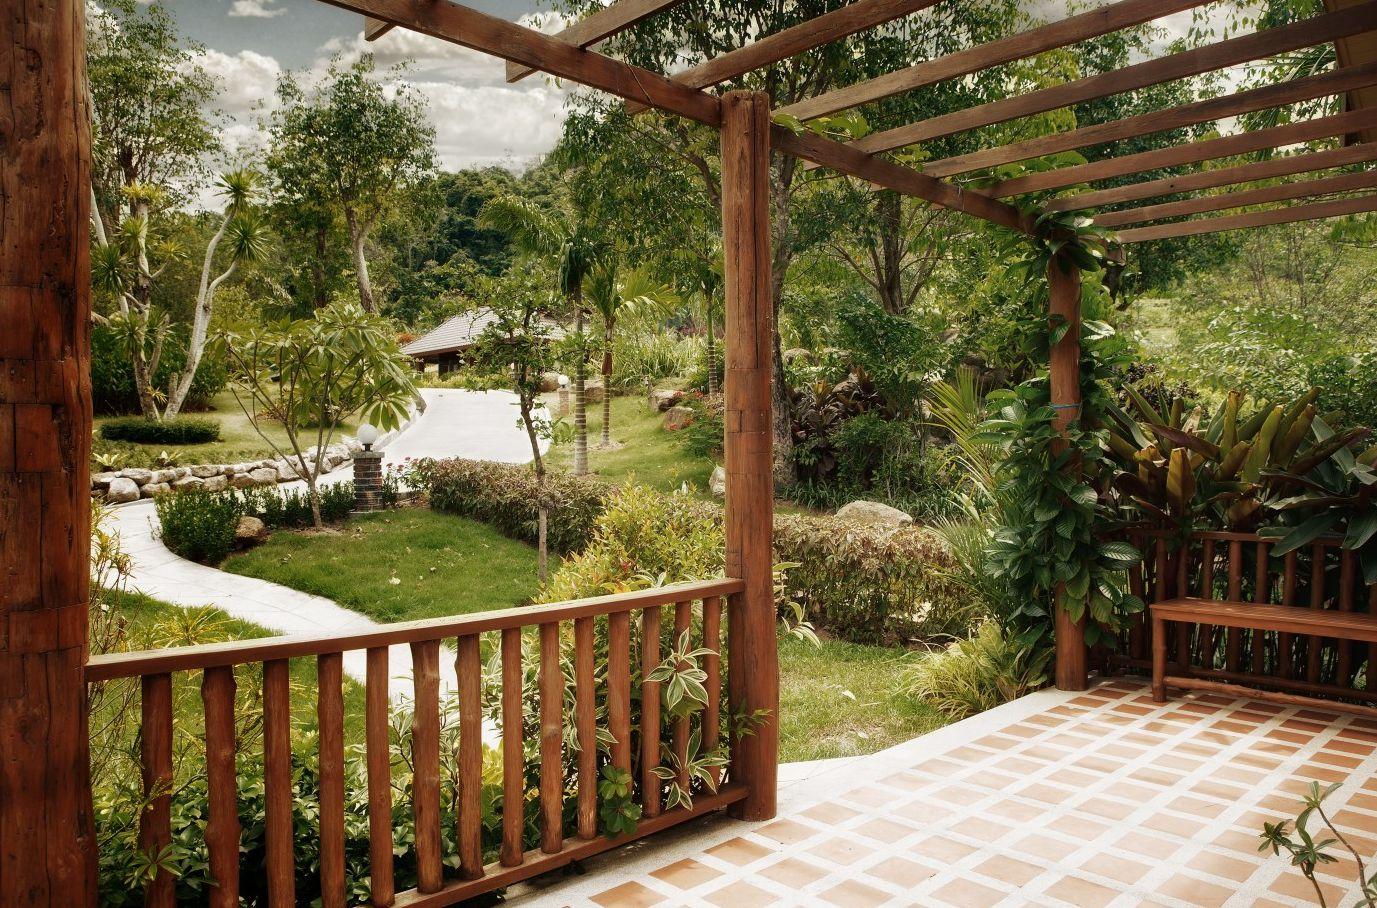 Веранда пристроенная к дому: как сделать своими руками, чертежи и схемы, фото – сад и огород своими руками